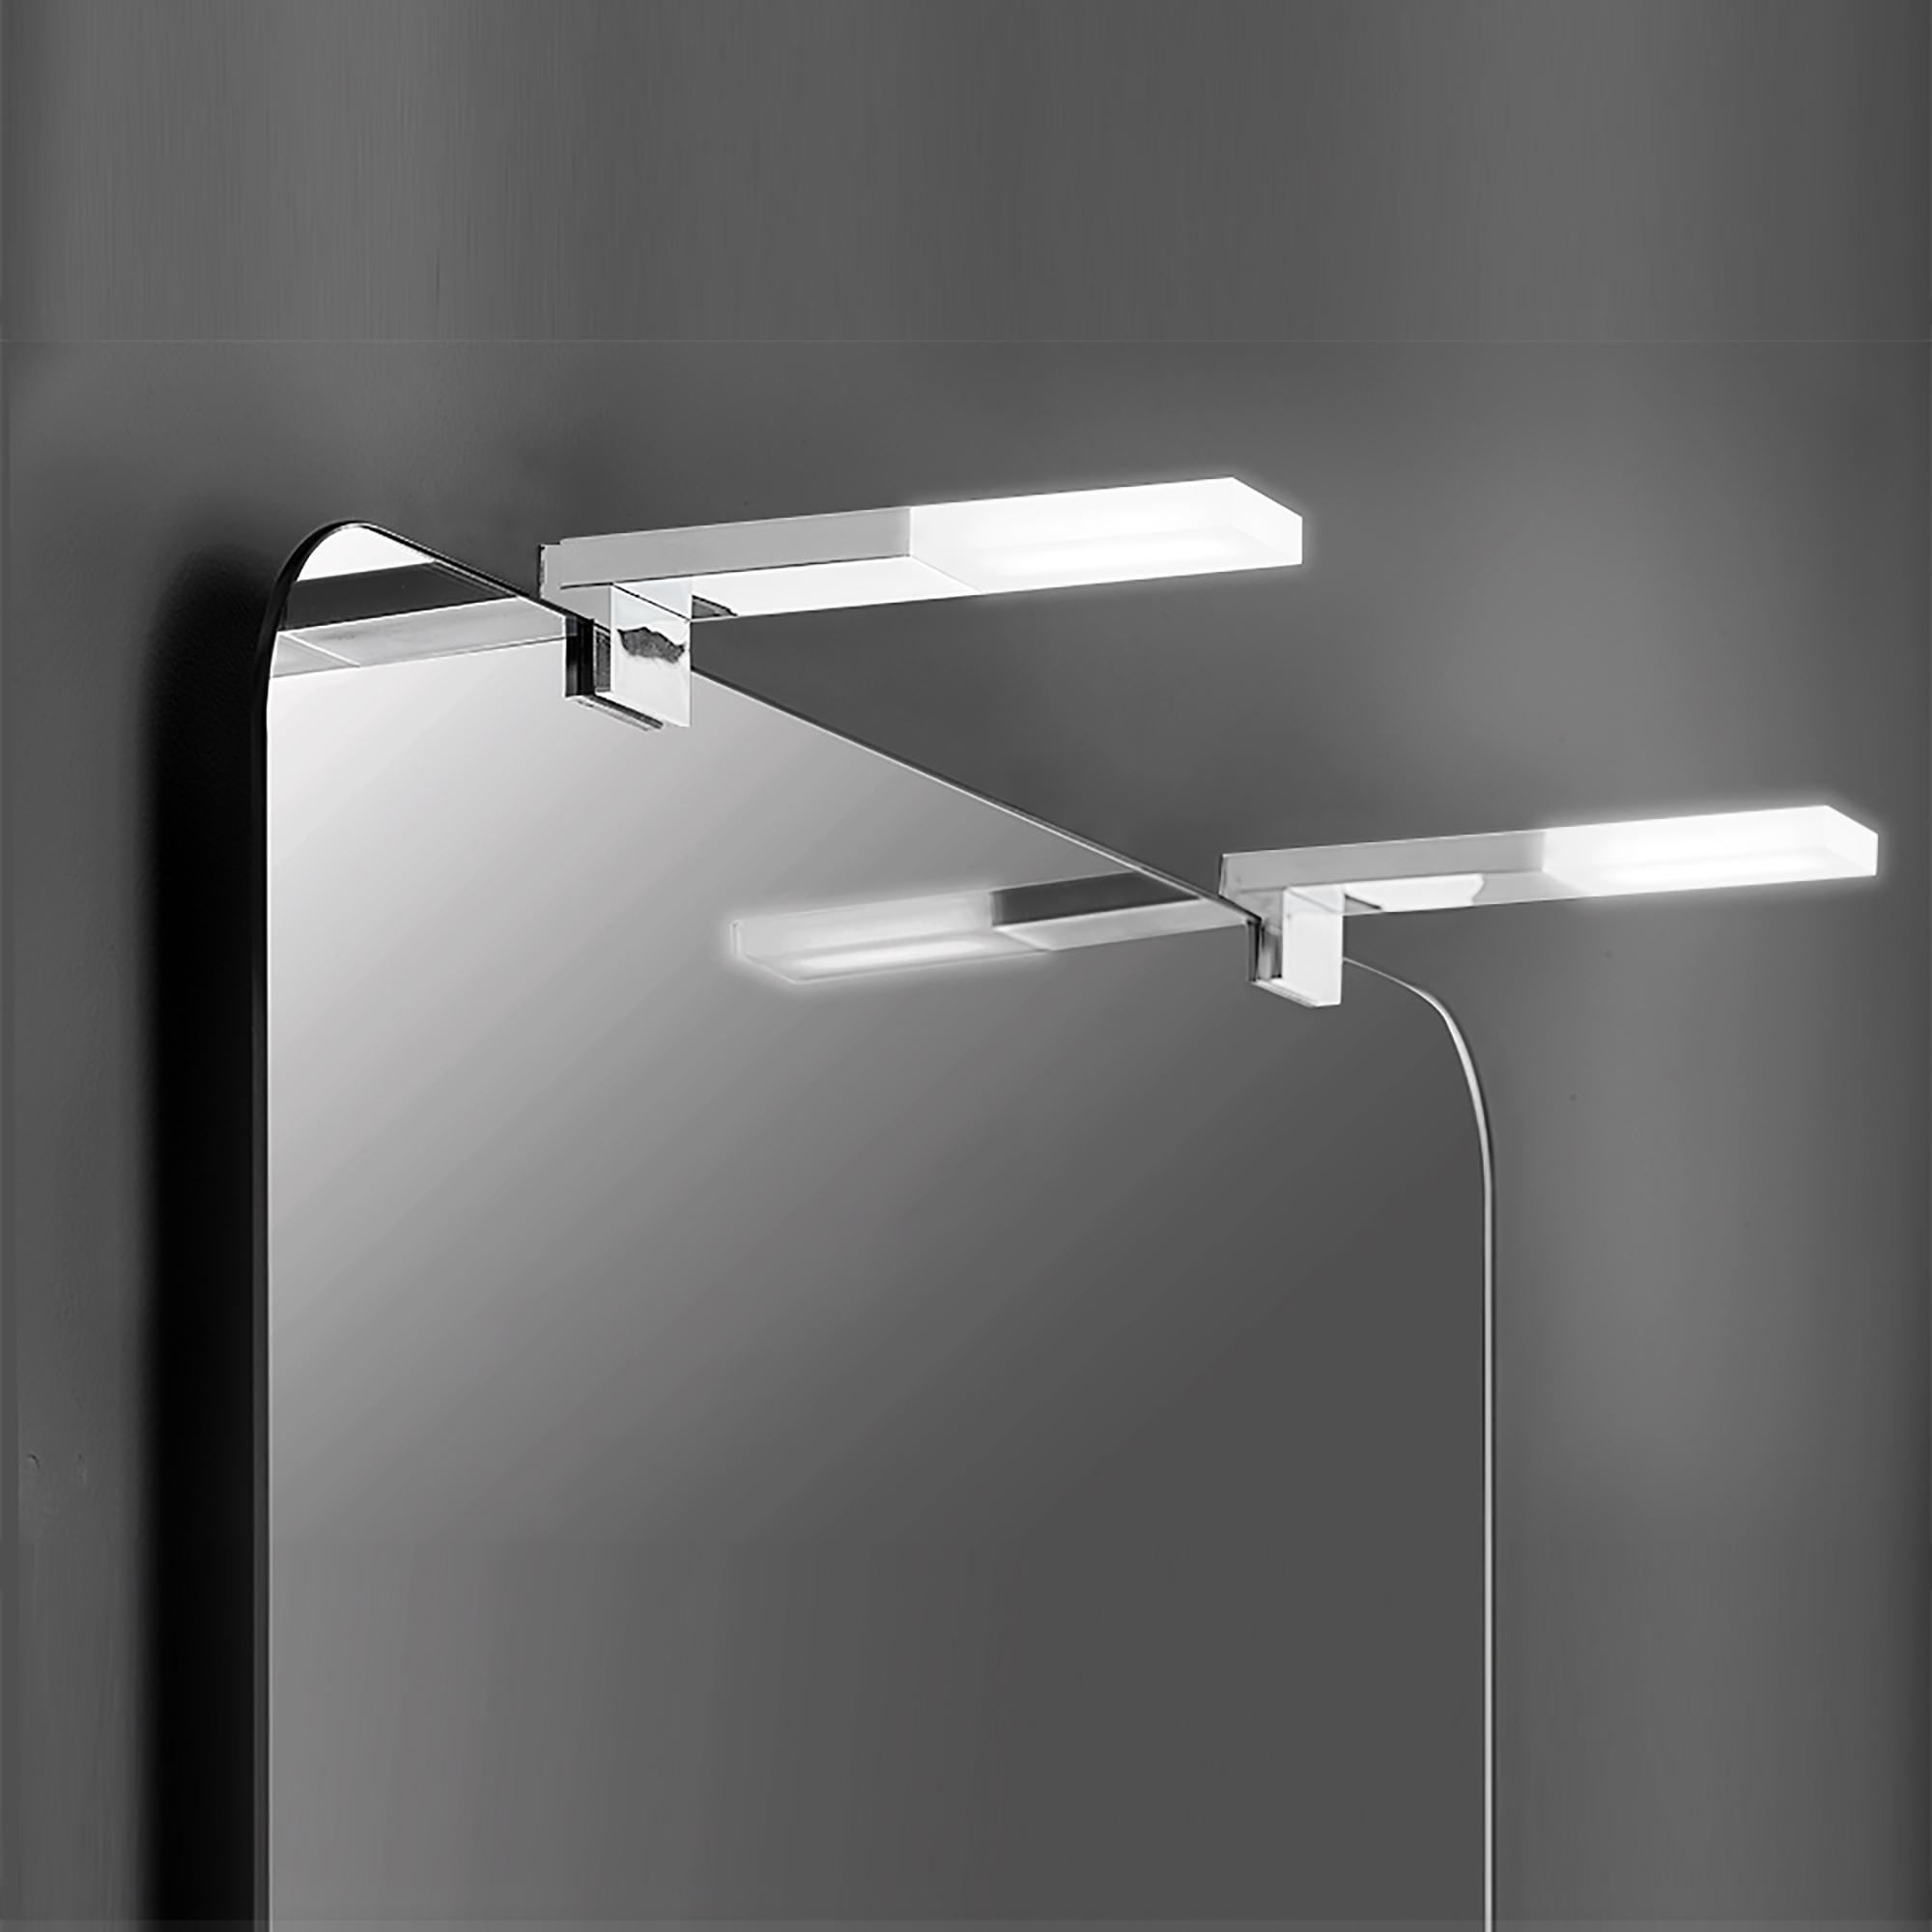 Emuca Applique LED per specchio di bagno, 40 mm, IP44, Luce bianca fredda, Alluminio e Plastica, Cromo